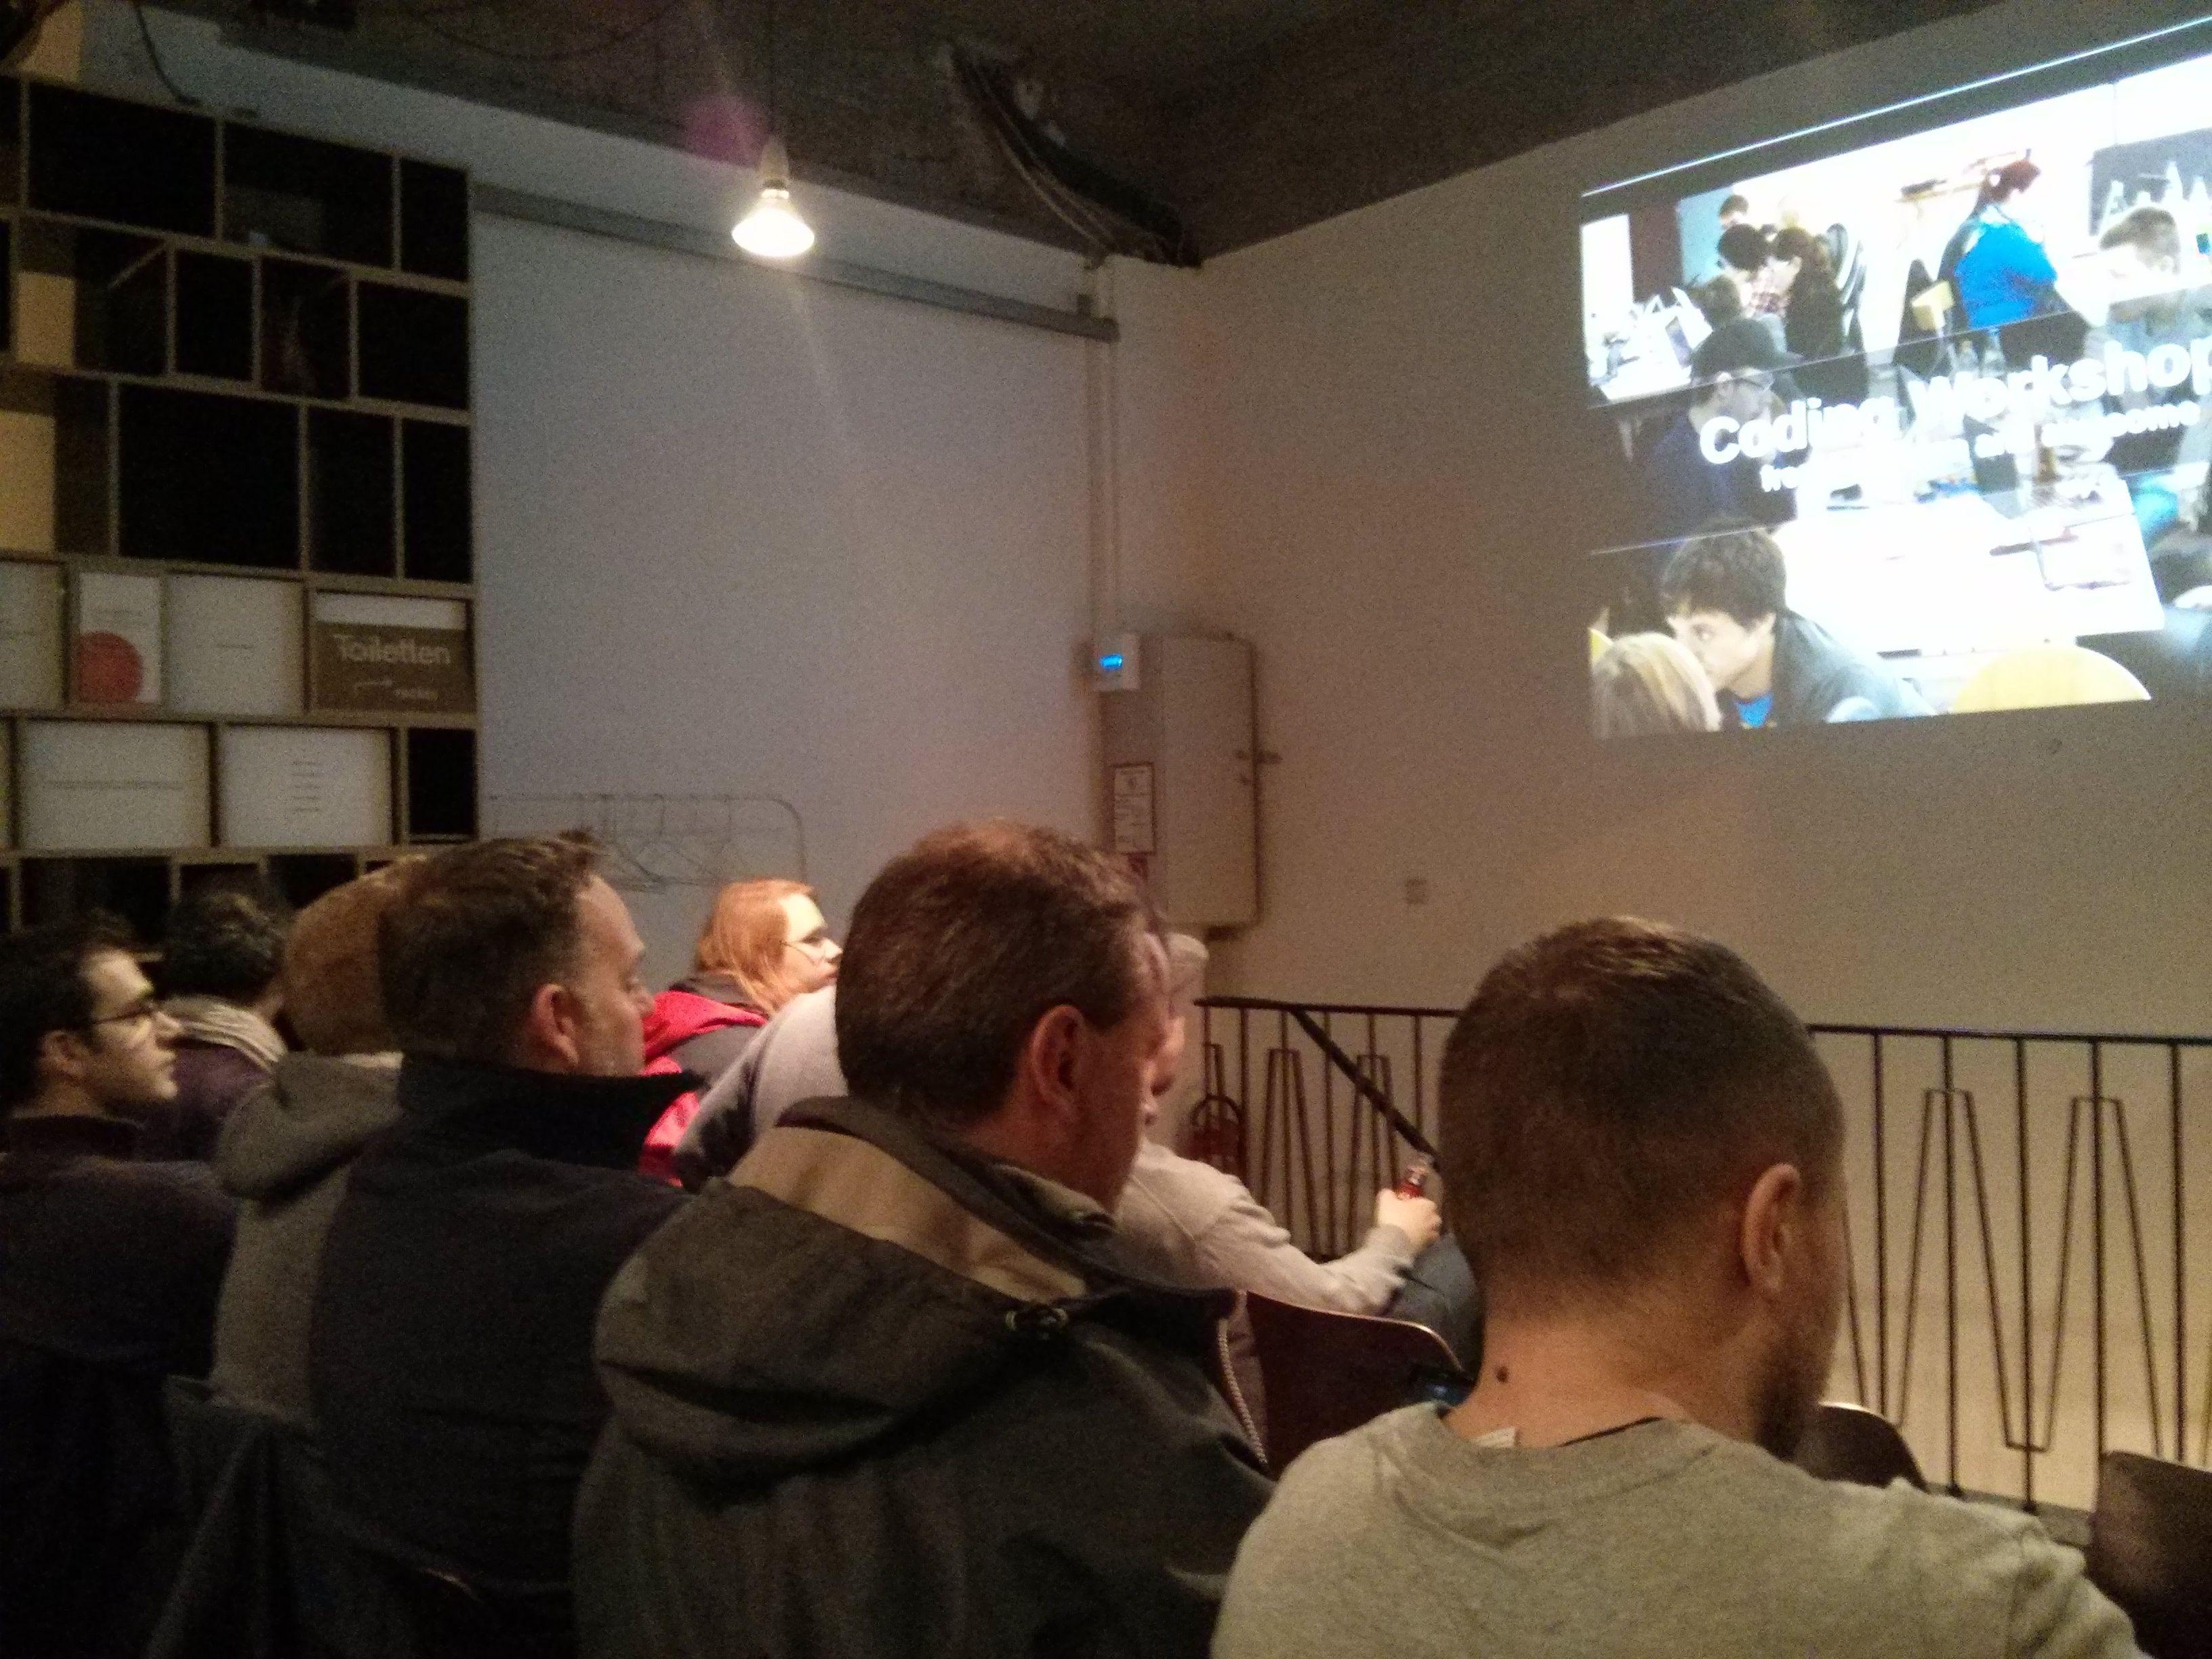 OpenTechSchool Dortmund